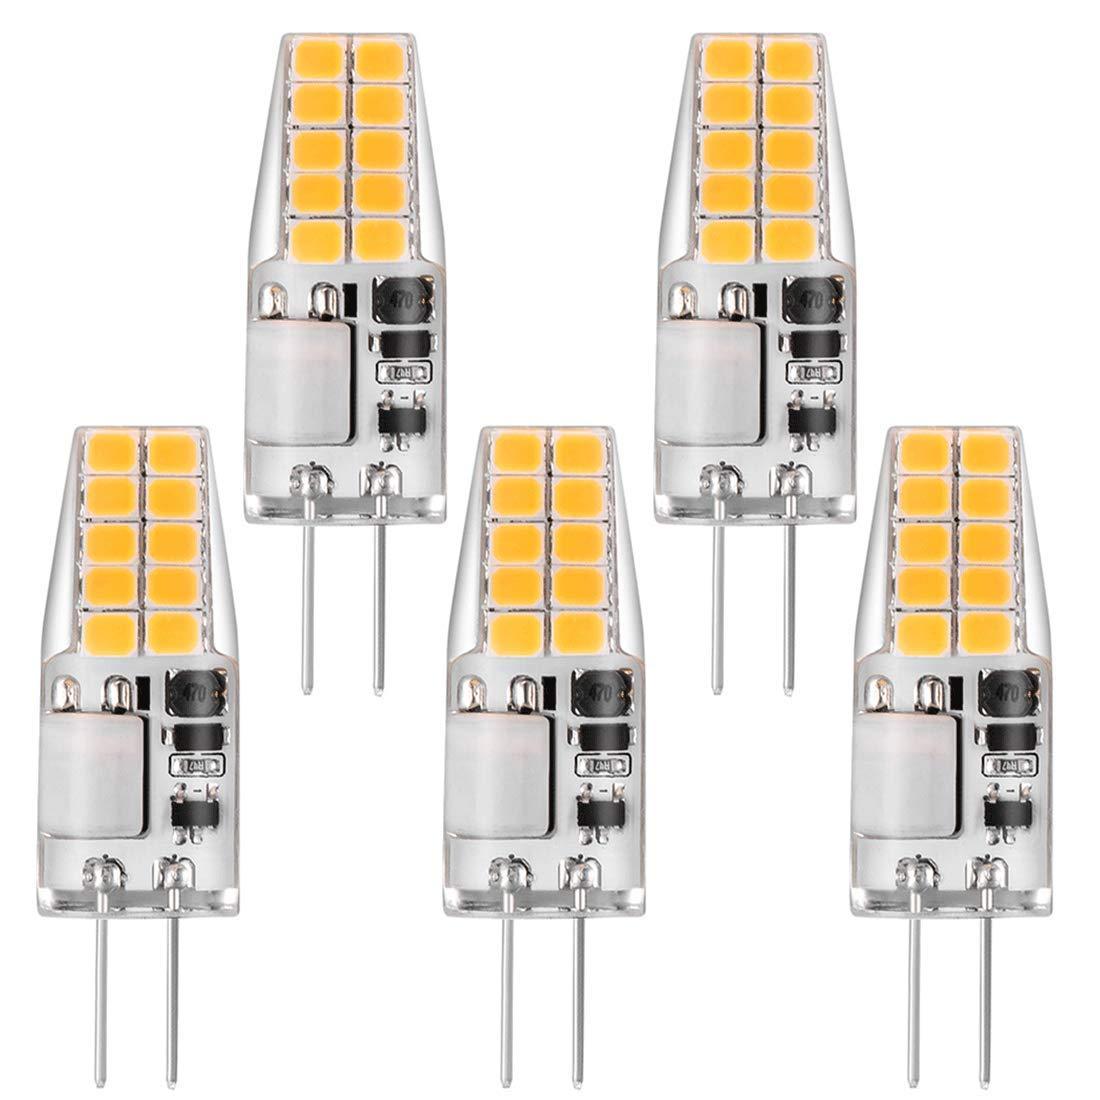 Bonlux 5-Packs 3W 12V LED G4 Bi-pin Ampoule Blanc Chaud 3000K 12 PCS SMD2835 LED G4 Capsule 25W Ampoule halog/ène de rechange